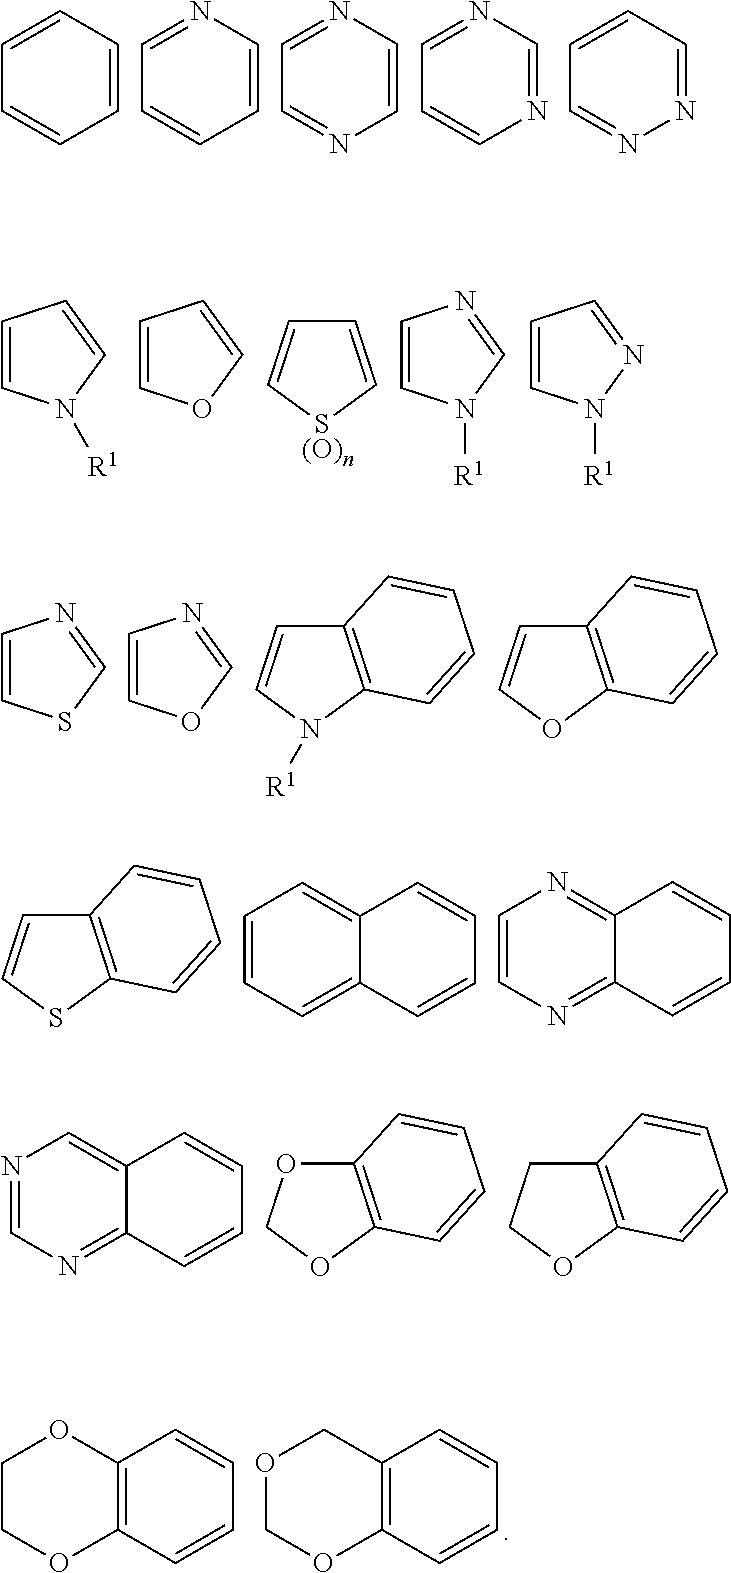 Figure US20110053905A1-20110303-C00364